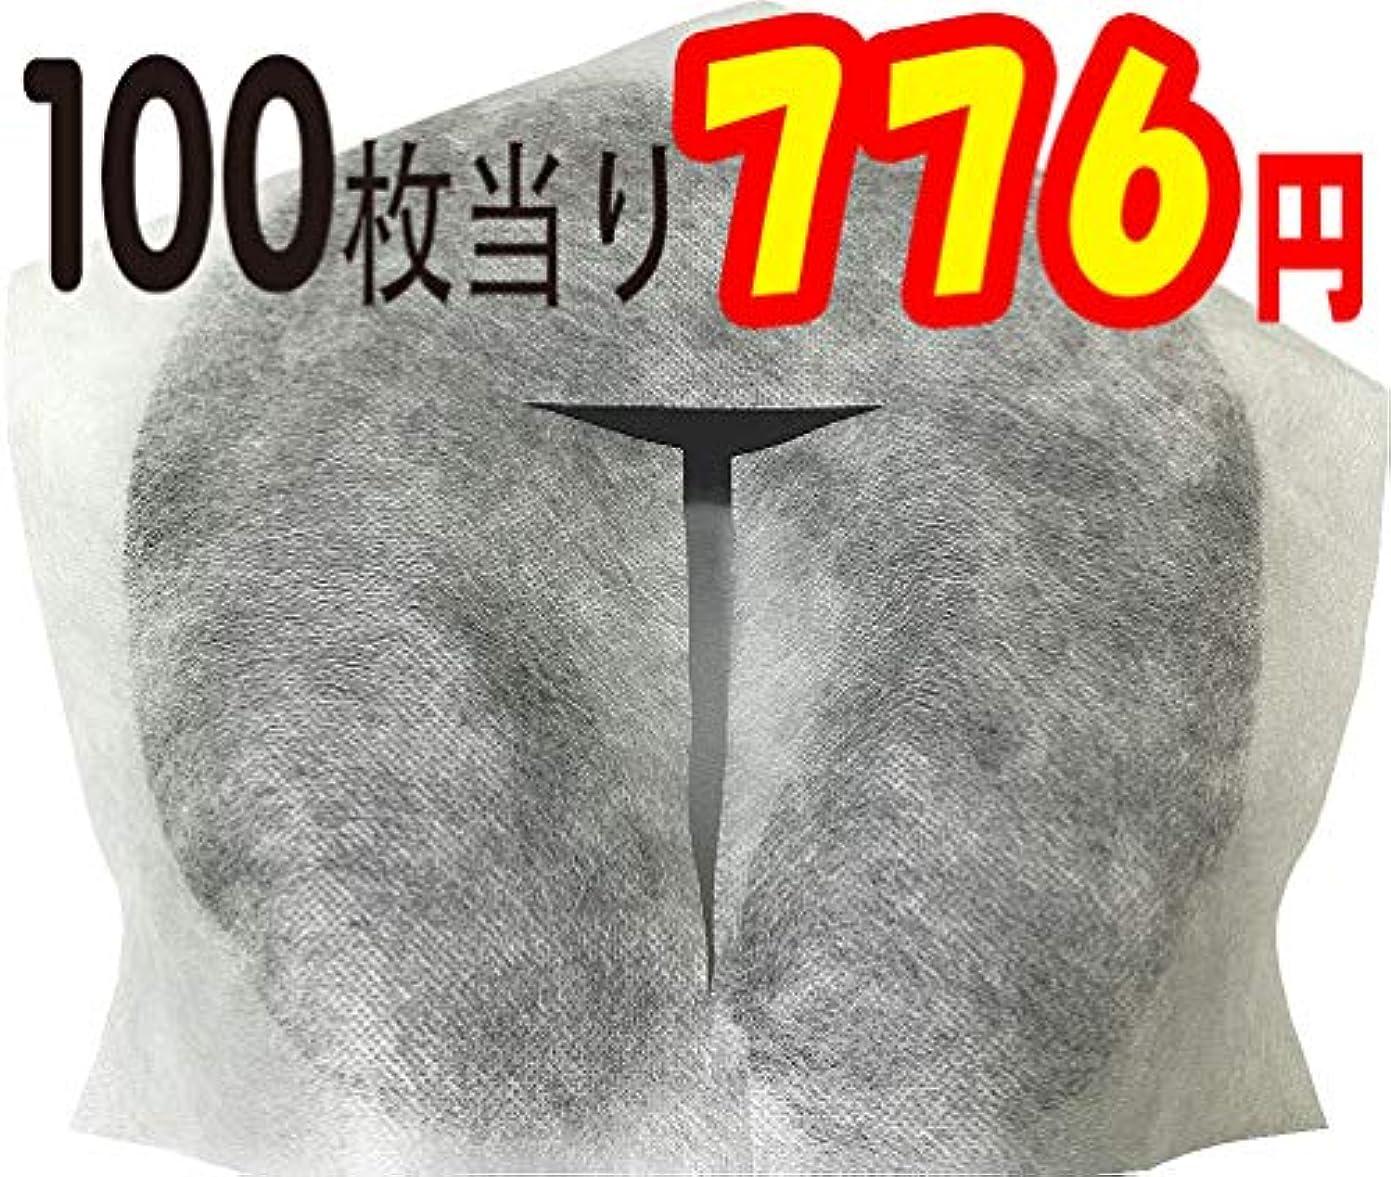 服を片付ける物理的にありがたい500枚 厚手タイプ、コスパ最高 上質な使い捨て 業務用 顔用 フェイスペーパー フェイスシート フェイスカバー ピローカバー 枕カバー マクラカバー